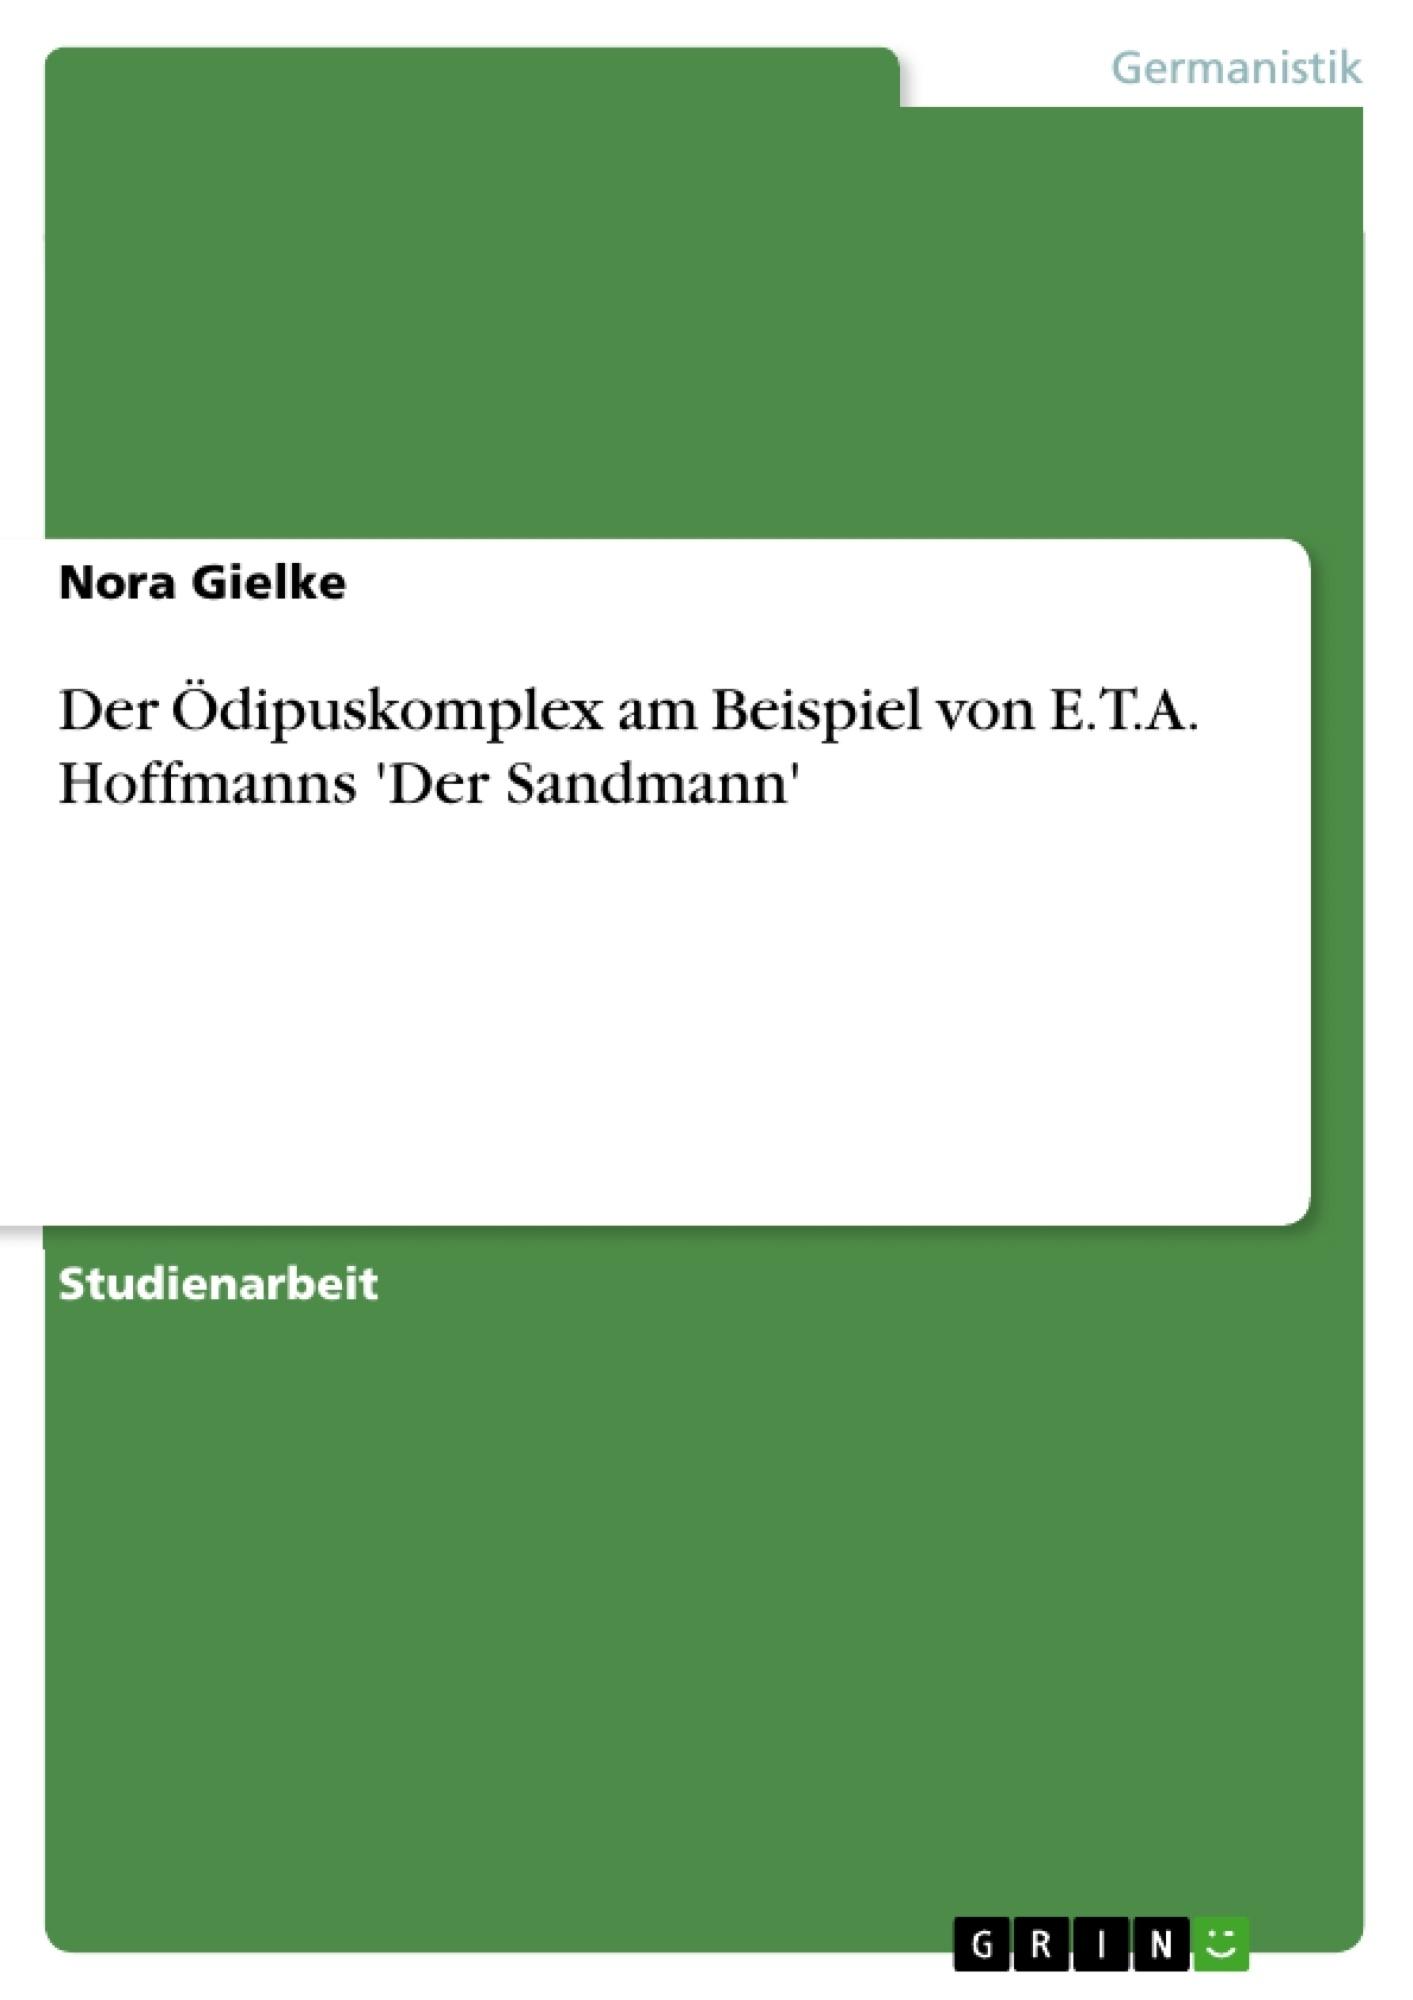 Titel: Der Ödipuskomplex am Beispiel von E.T.A. Hoffmanns 'Der Sandmann'